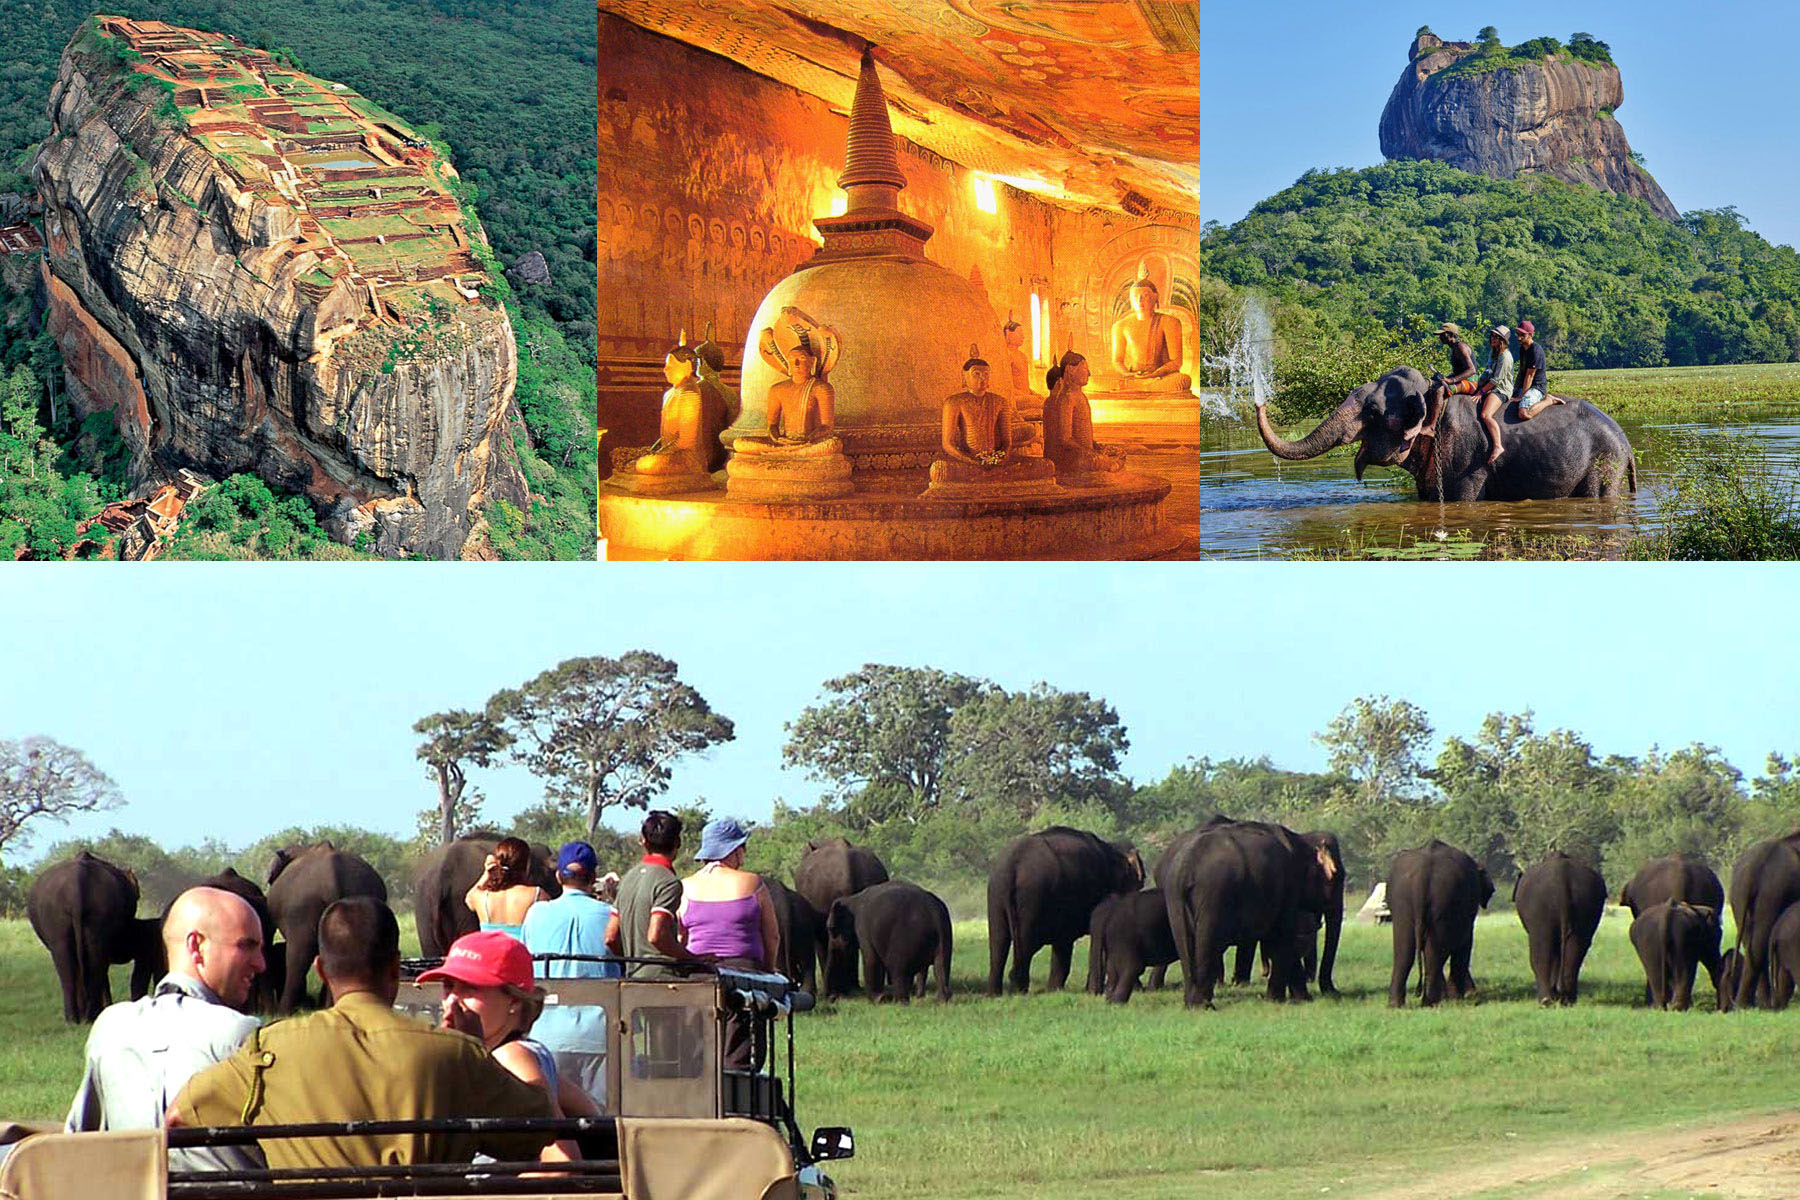 2つの世界遺産 ミンネリヤ国立公園ジープサファリ象乗り体験2泊ツアー